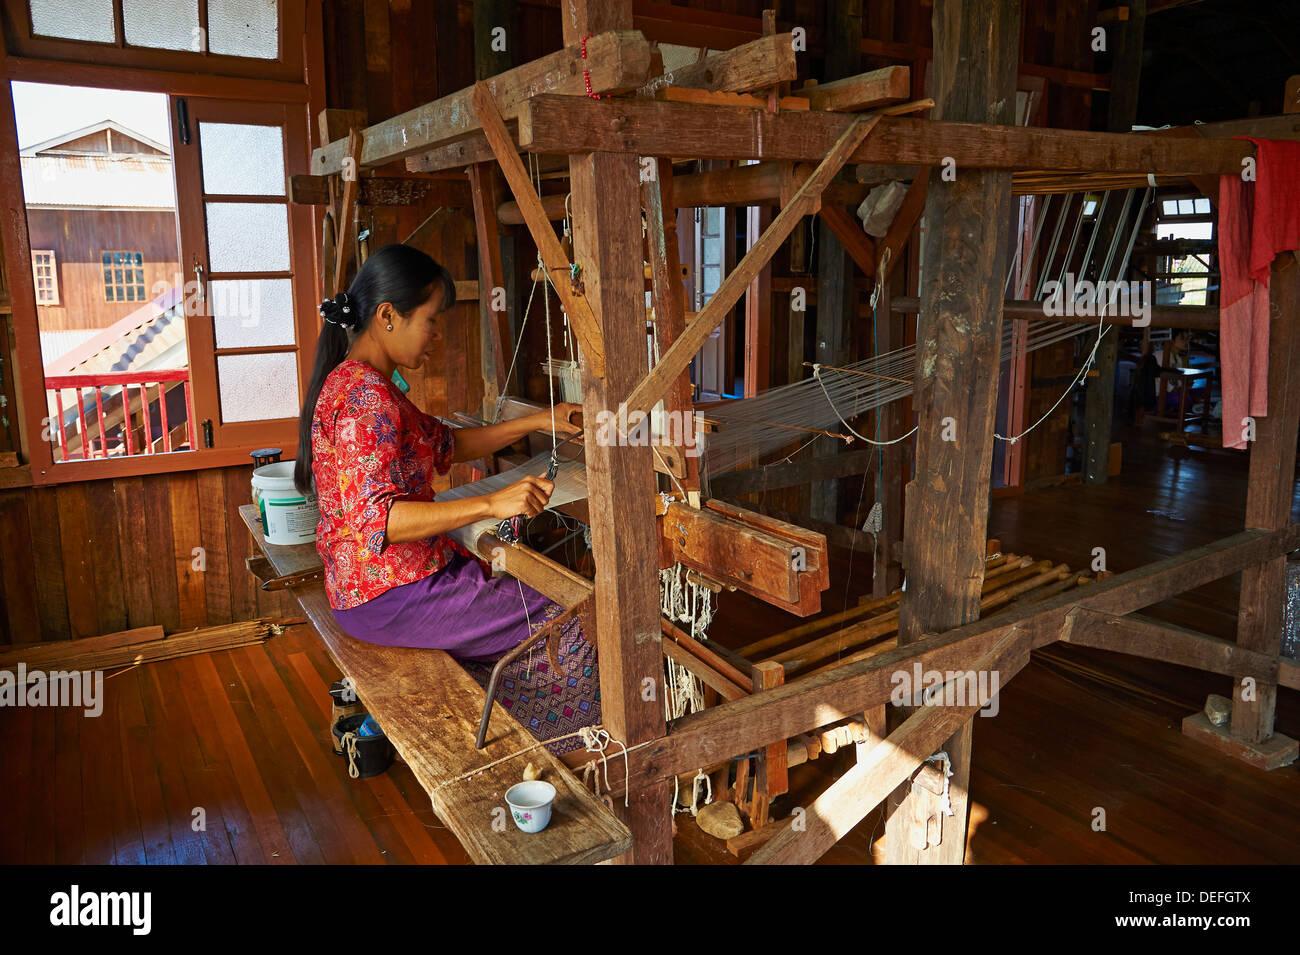 Burmese woman weaving, Nampan village, Inle Lake, Shan State, Myanmar (Burma), Asia - Stock Image